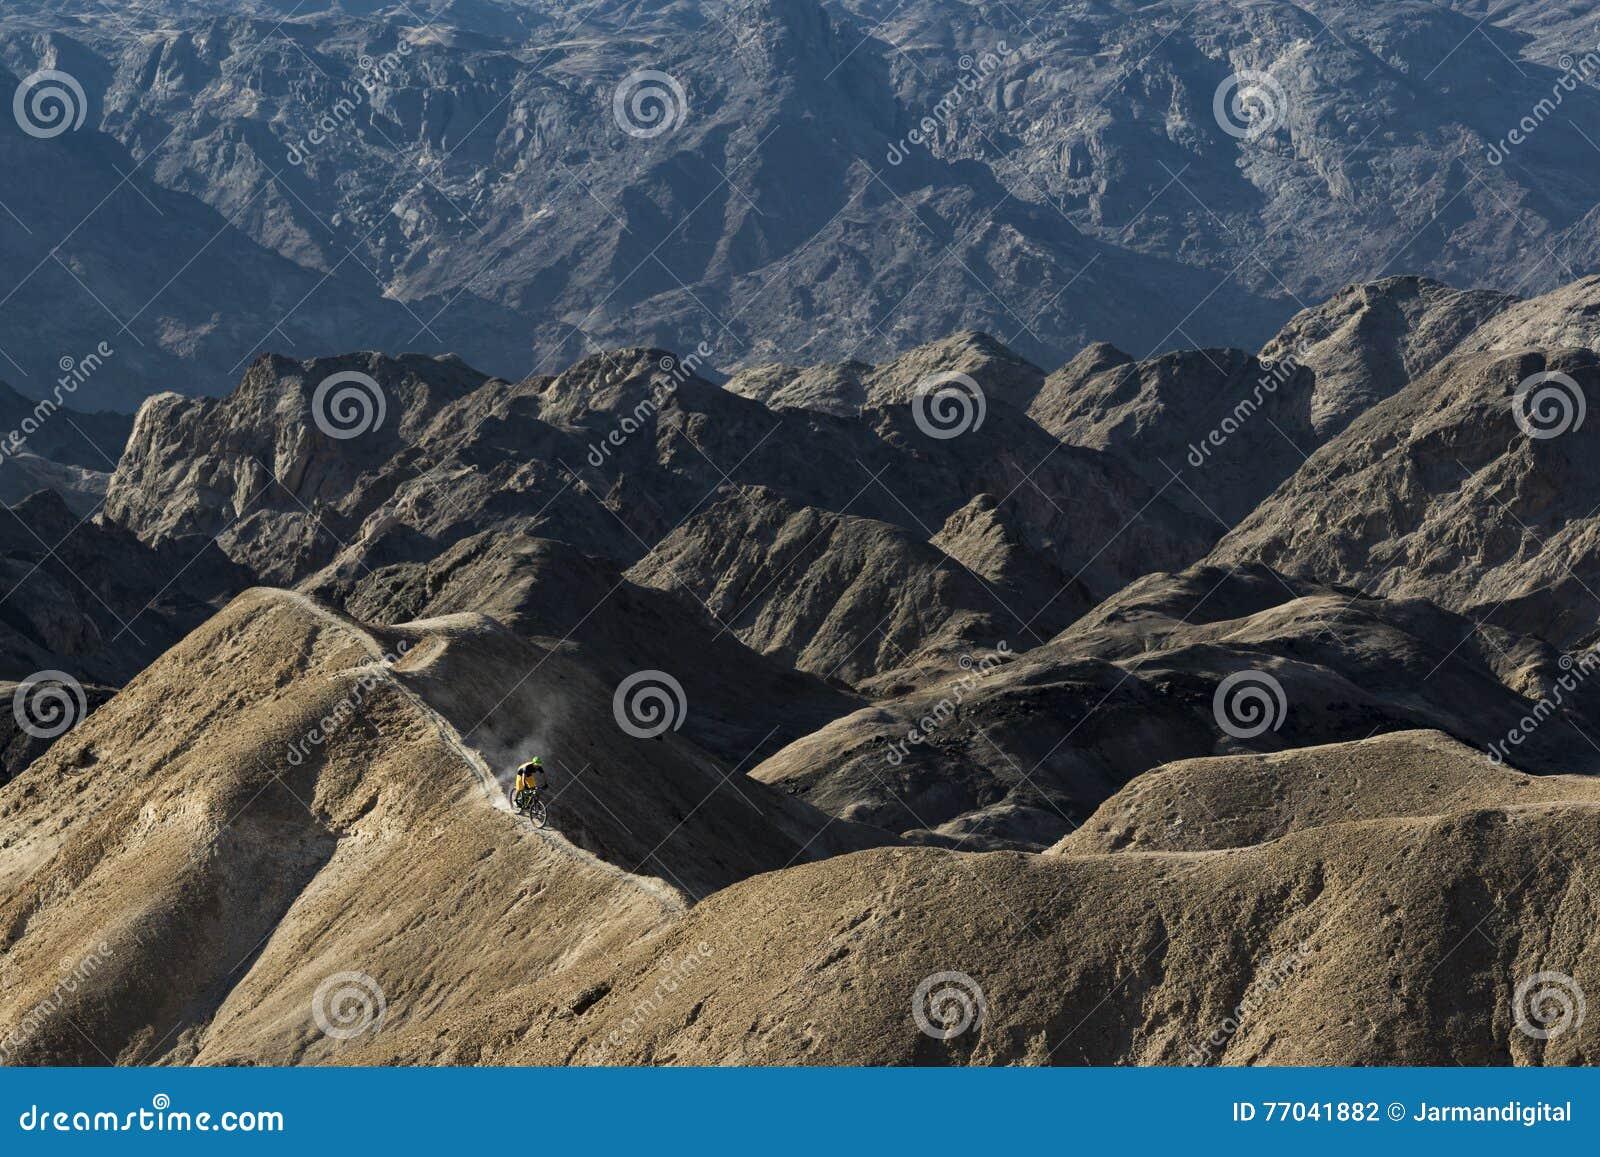 mountain biking stock photo image of free dunes ridges 77041882